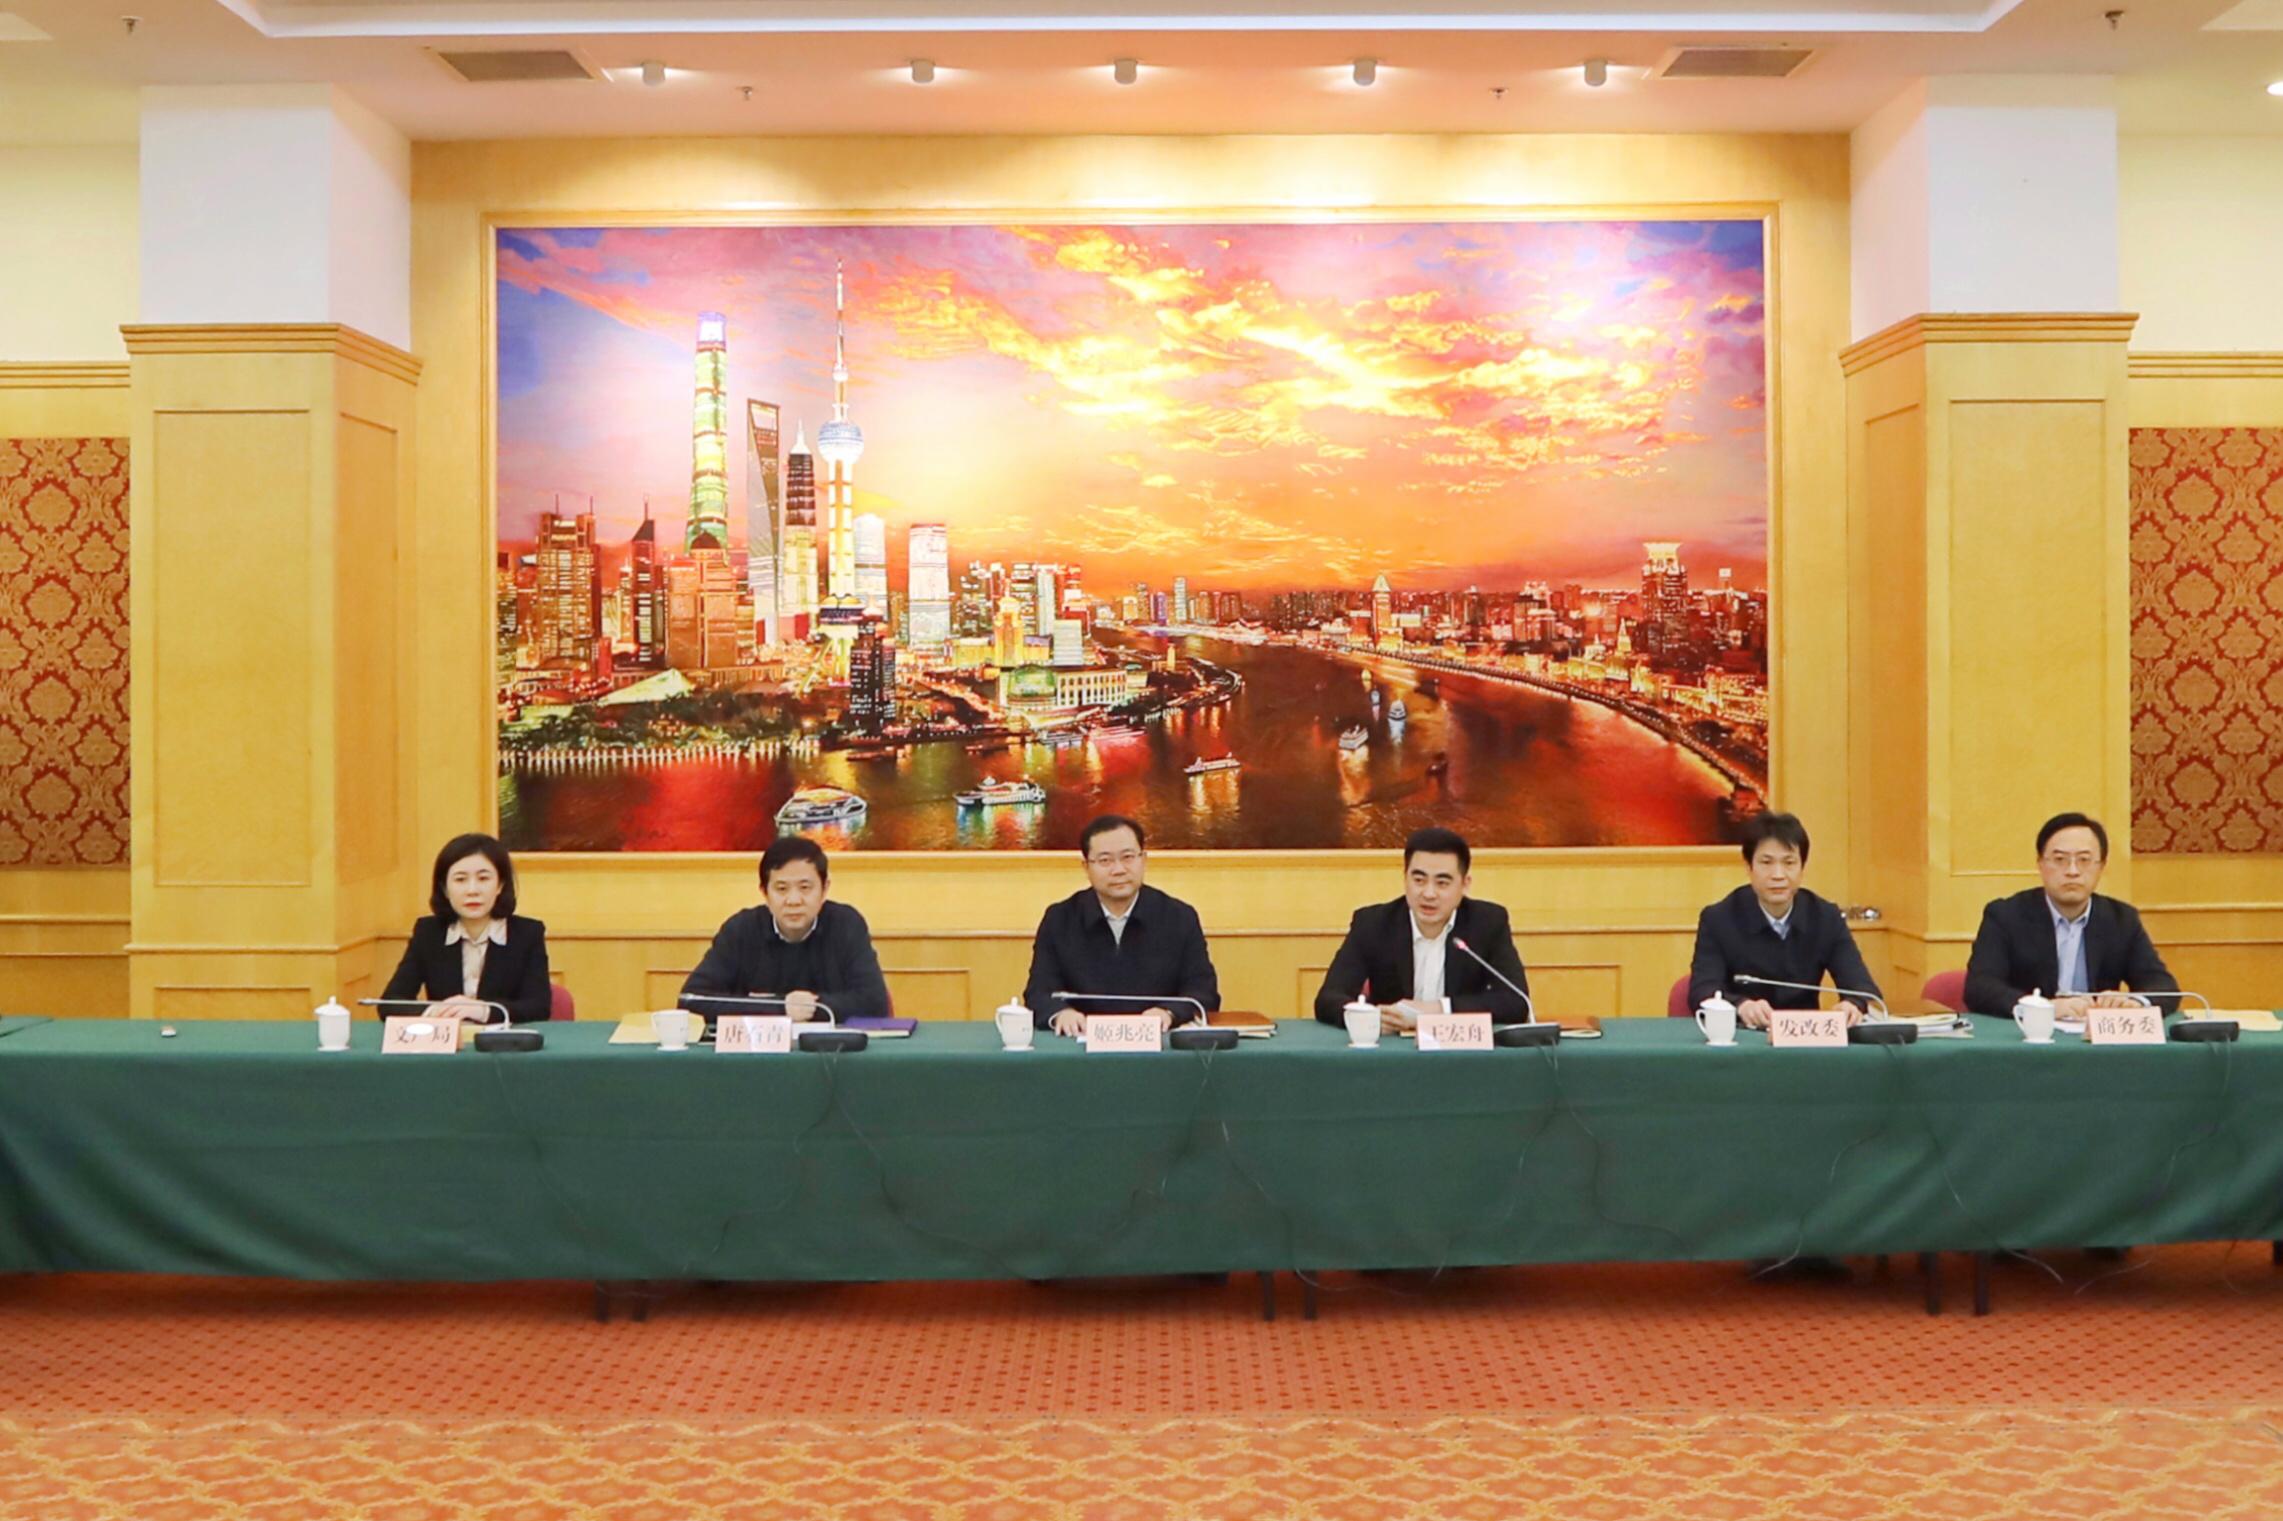 """2月27日,浦东率先发布""""四大品牌""""建设行动方案,系统推进上海""""四大品牌""""核心承载区建设。图为发布会"""